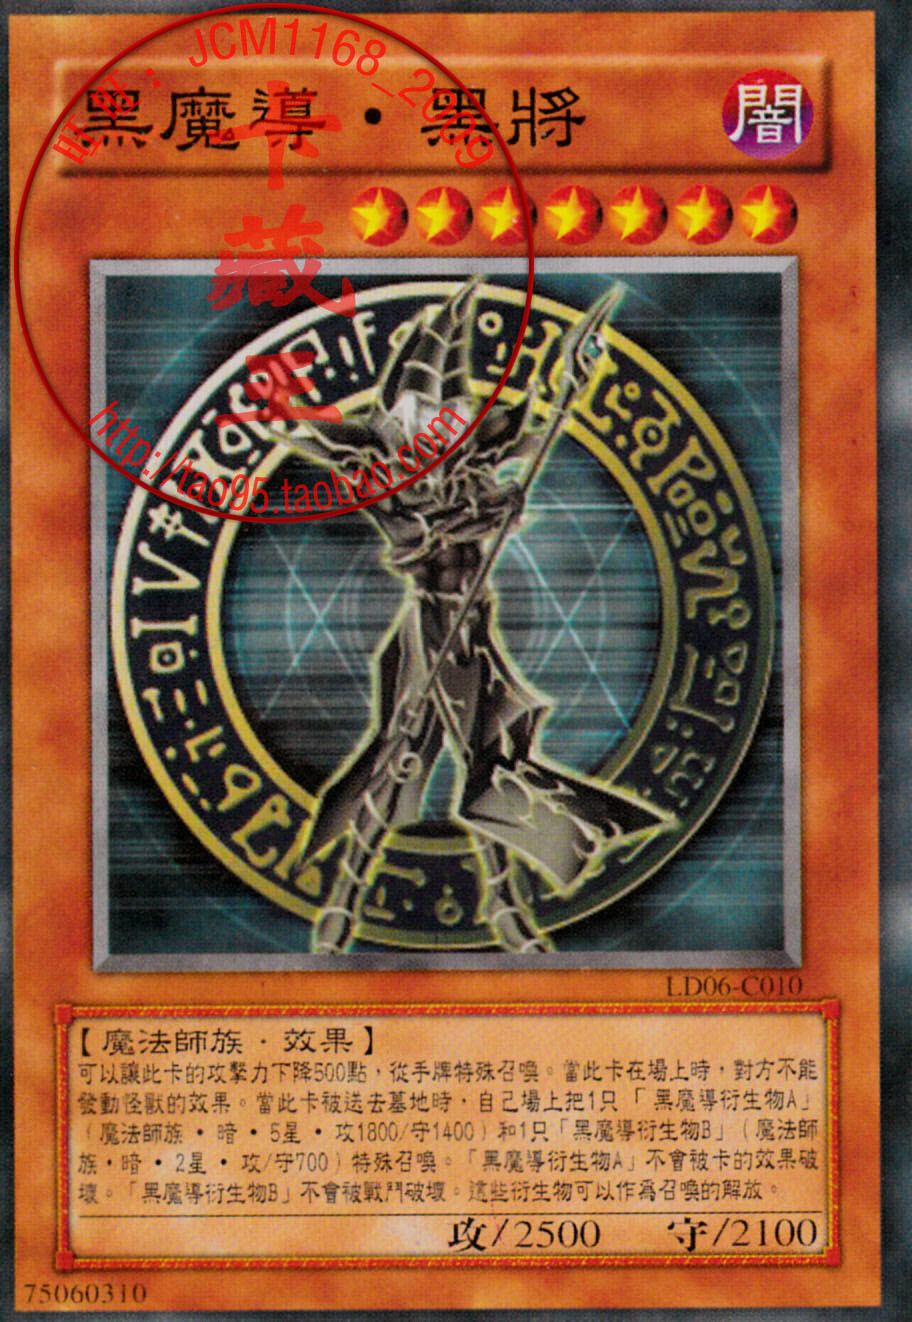 游戏王黑魔术师卡组_zz少年馆游戏王卡片 散卡单卡最强魔法师族黑魔4将黑魔导 黑将